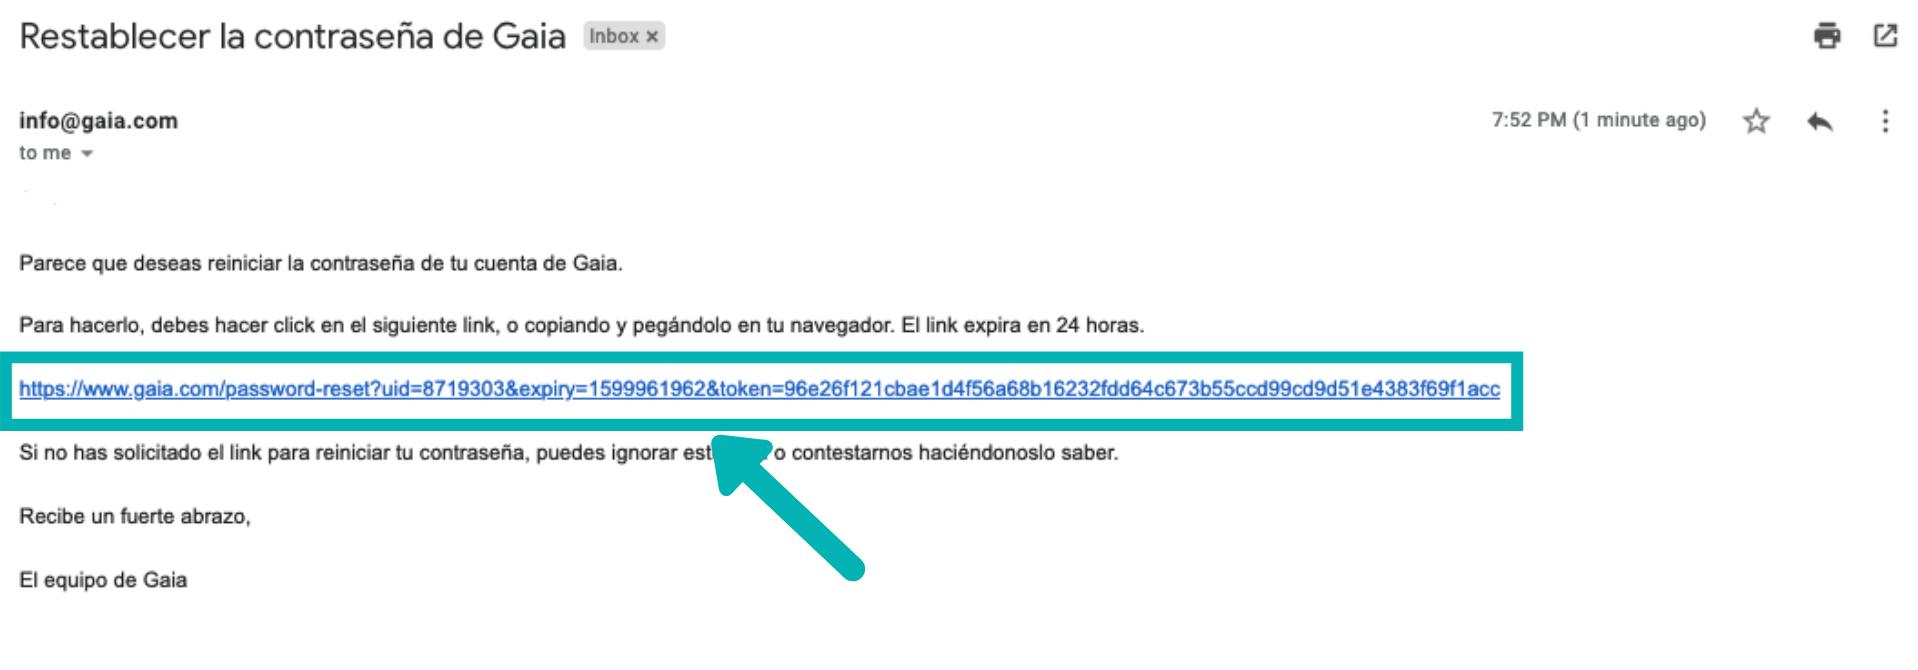 desktop-password-4_en-us.png